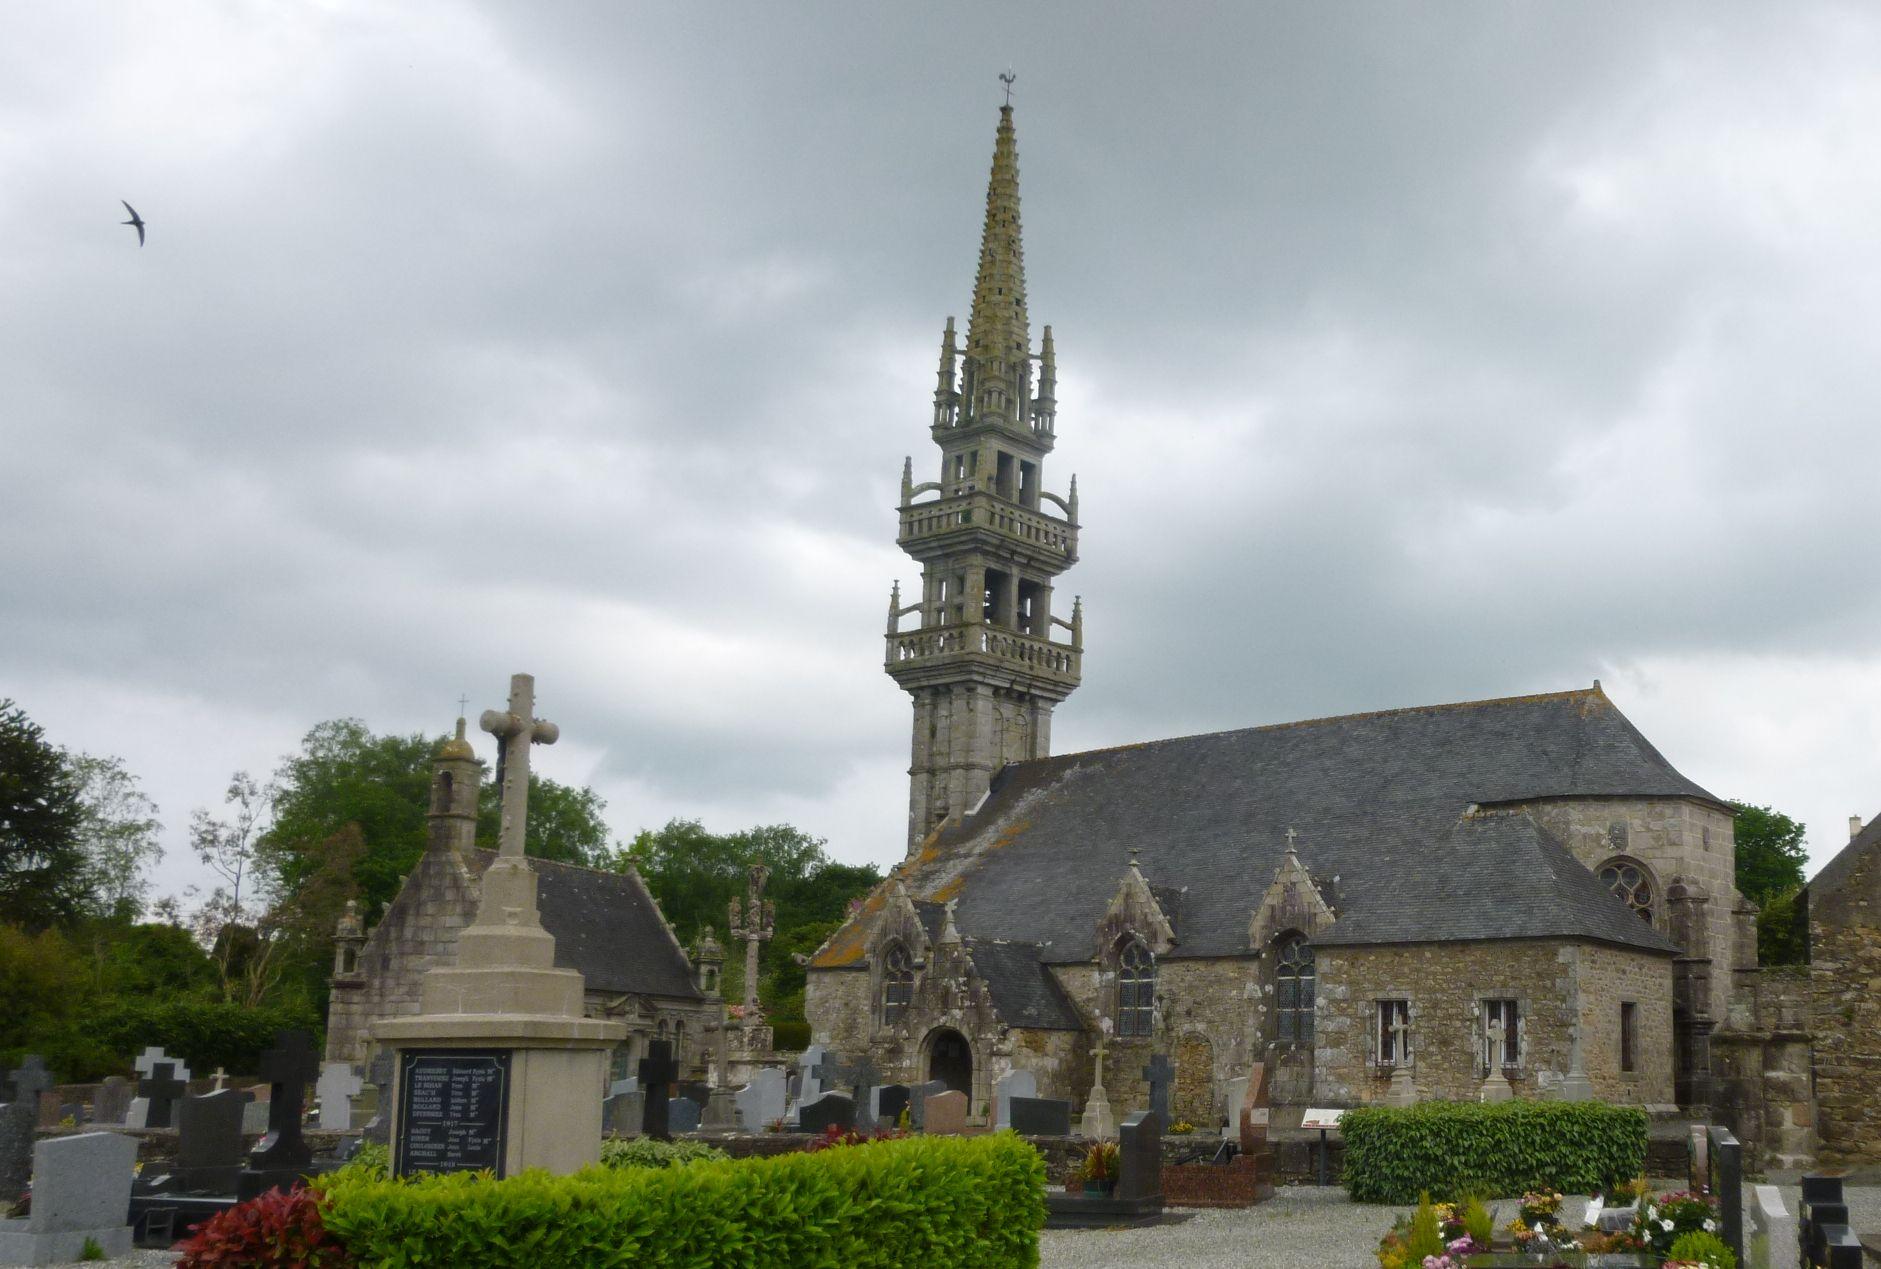 Eglise de Saint-Servais